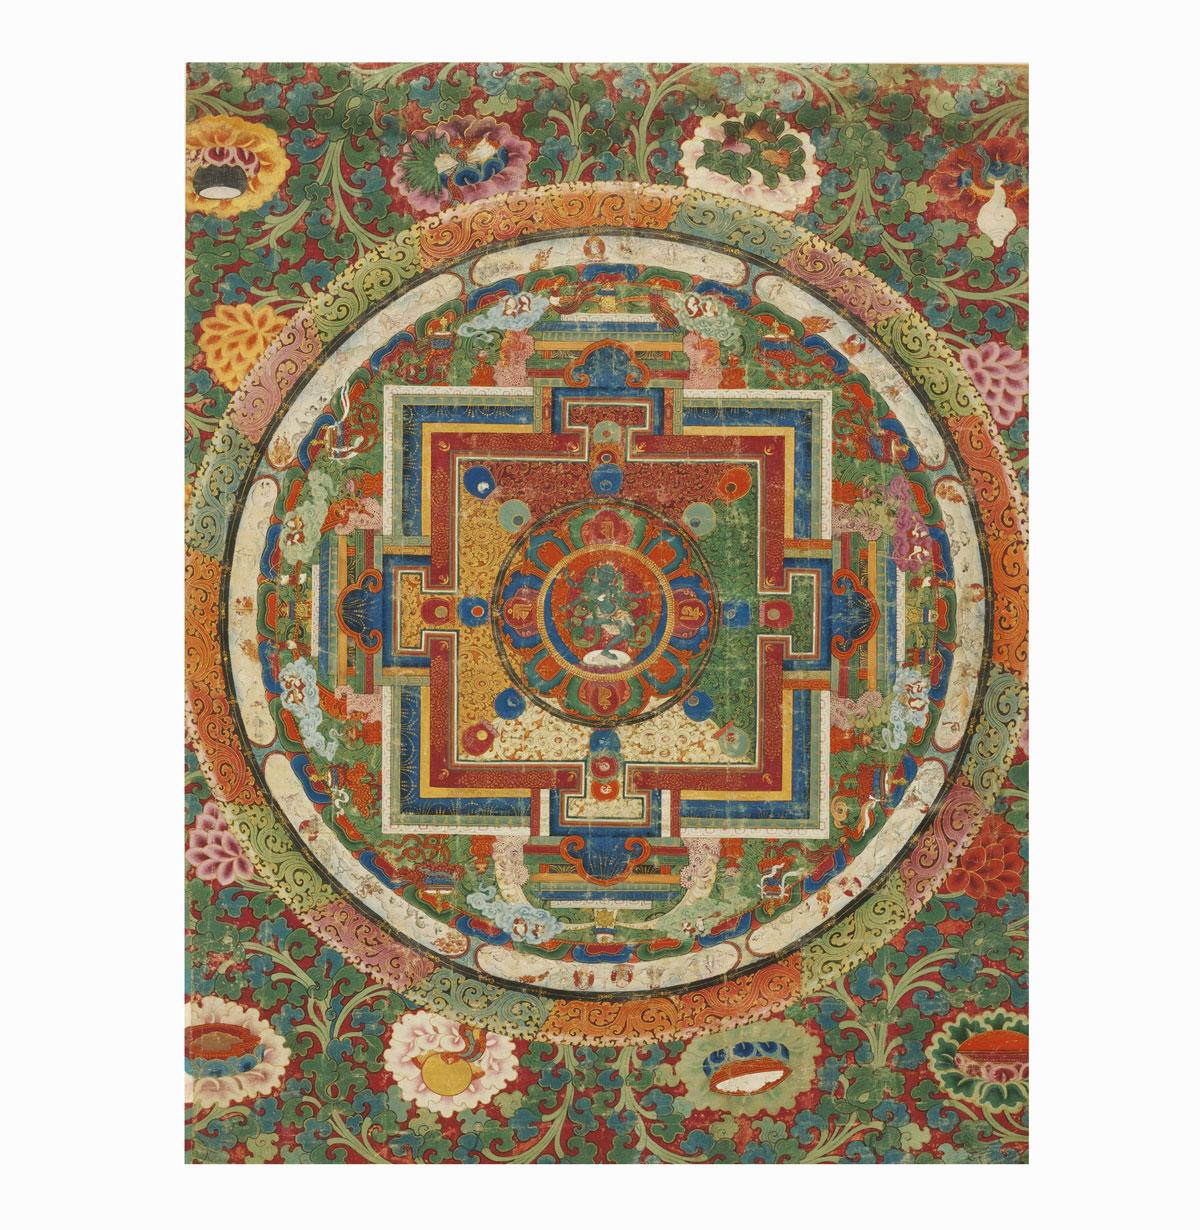 antiquités asiatiques à grasse, mandala tibet, prix, estimation, expertise, achat vente, vendre, art tibet à grasse